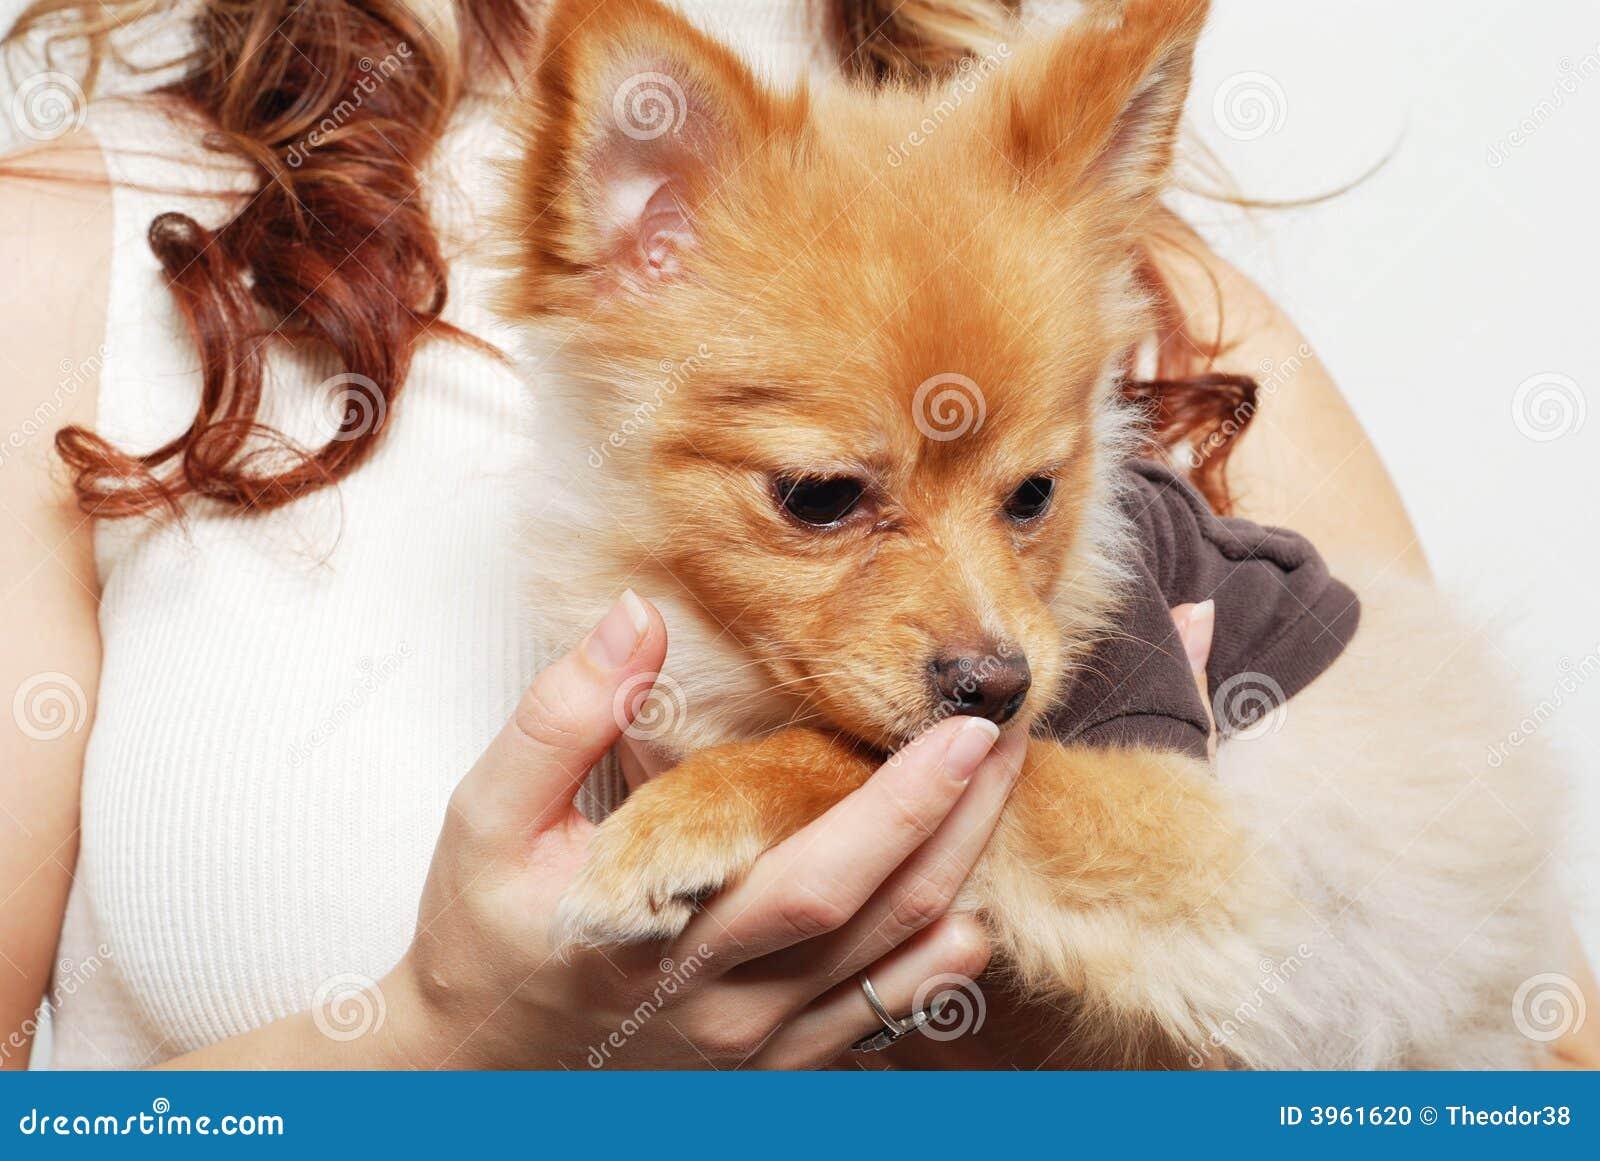 Mädchen und ihr Haustier